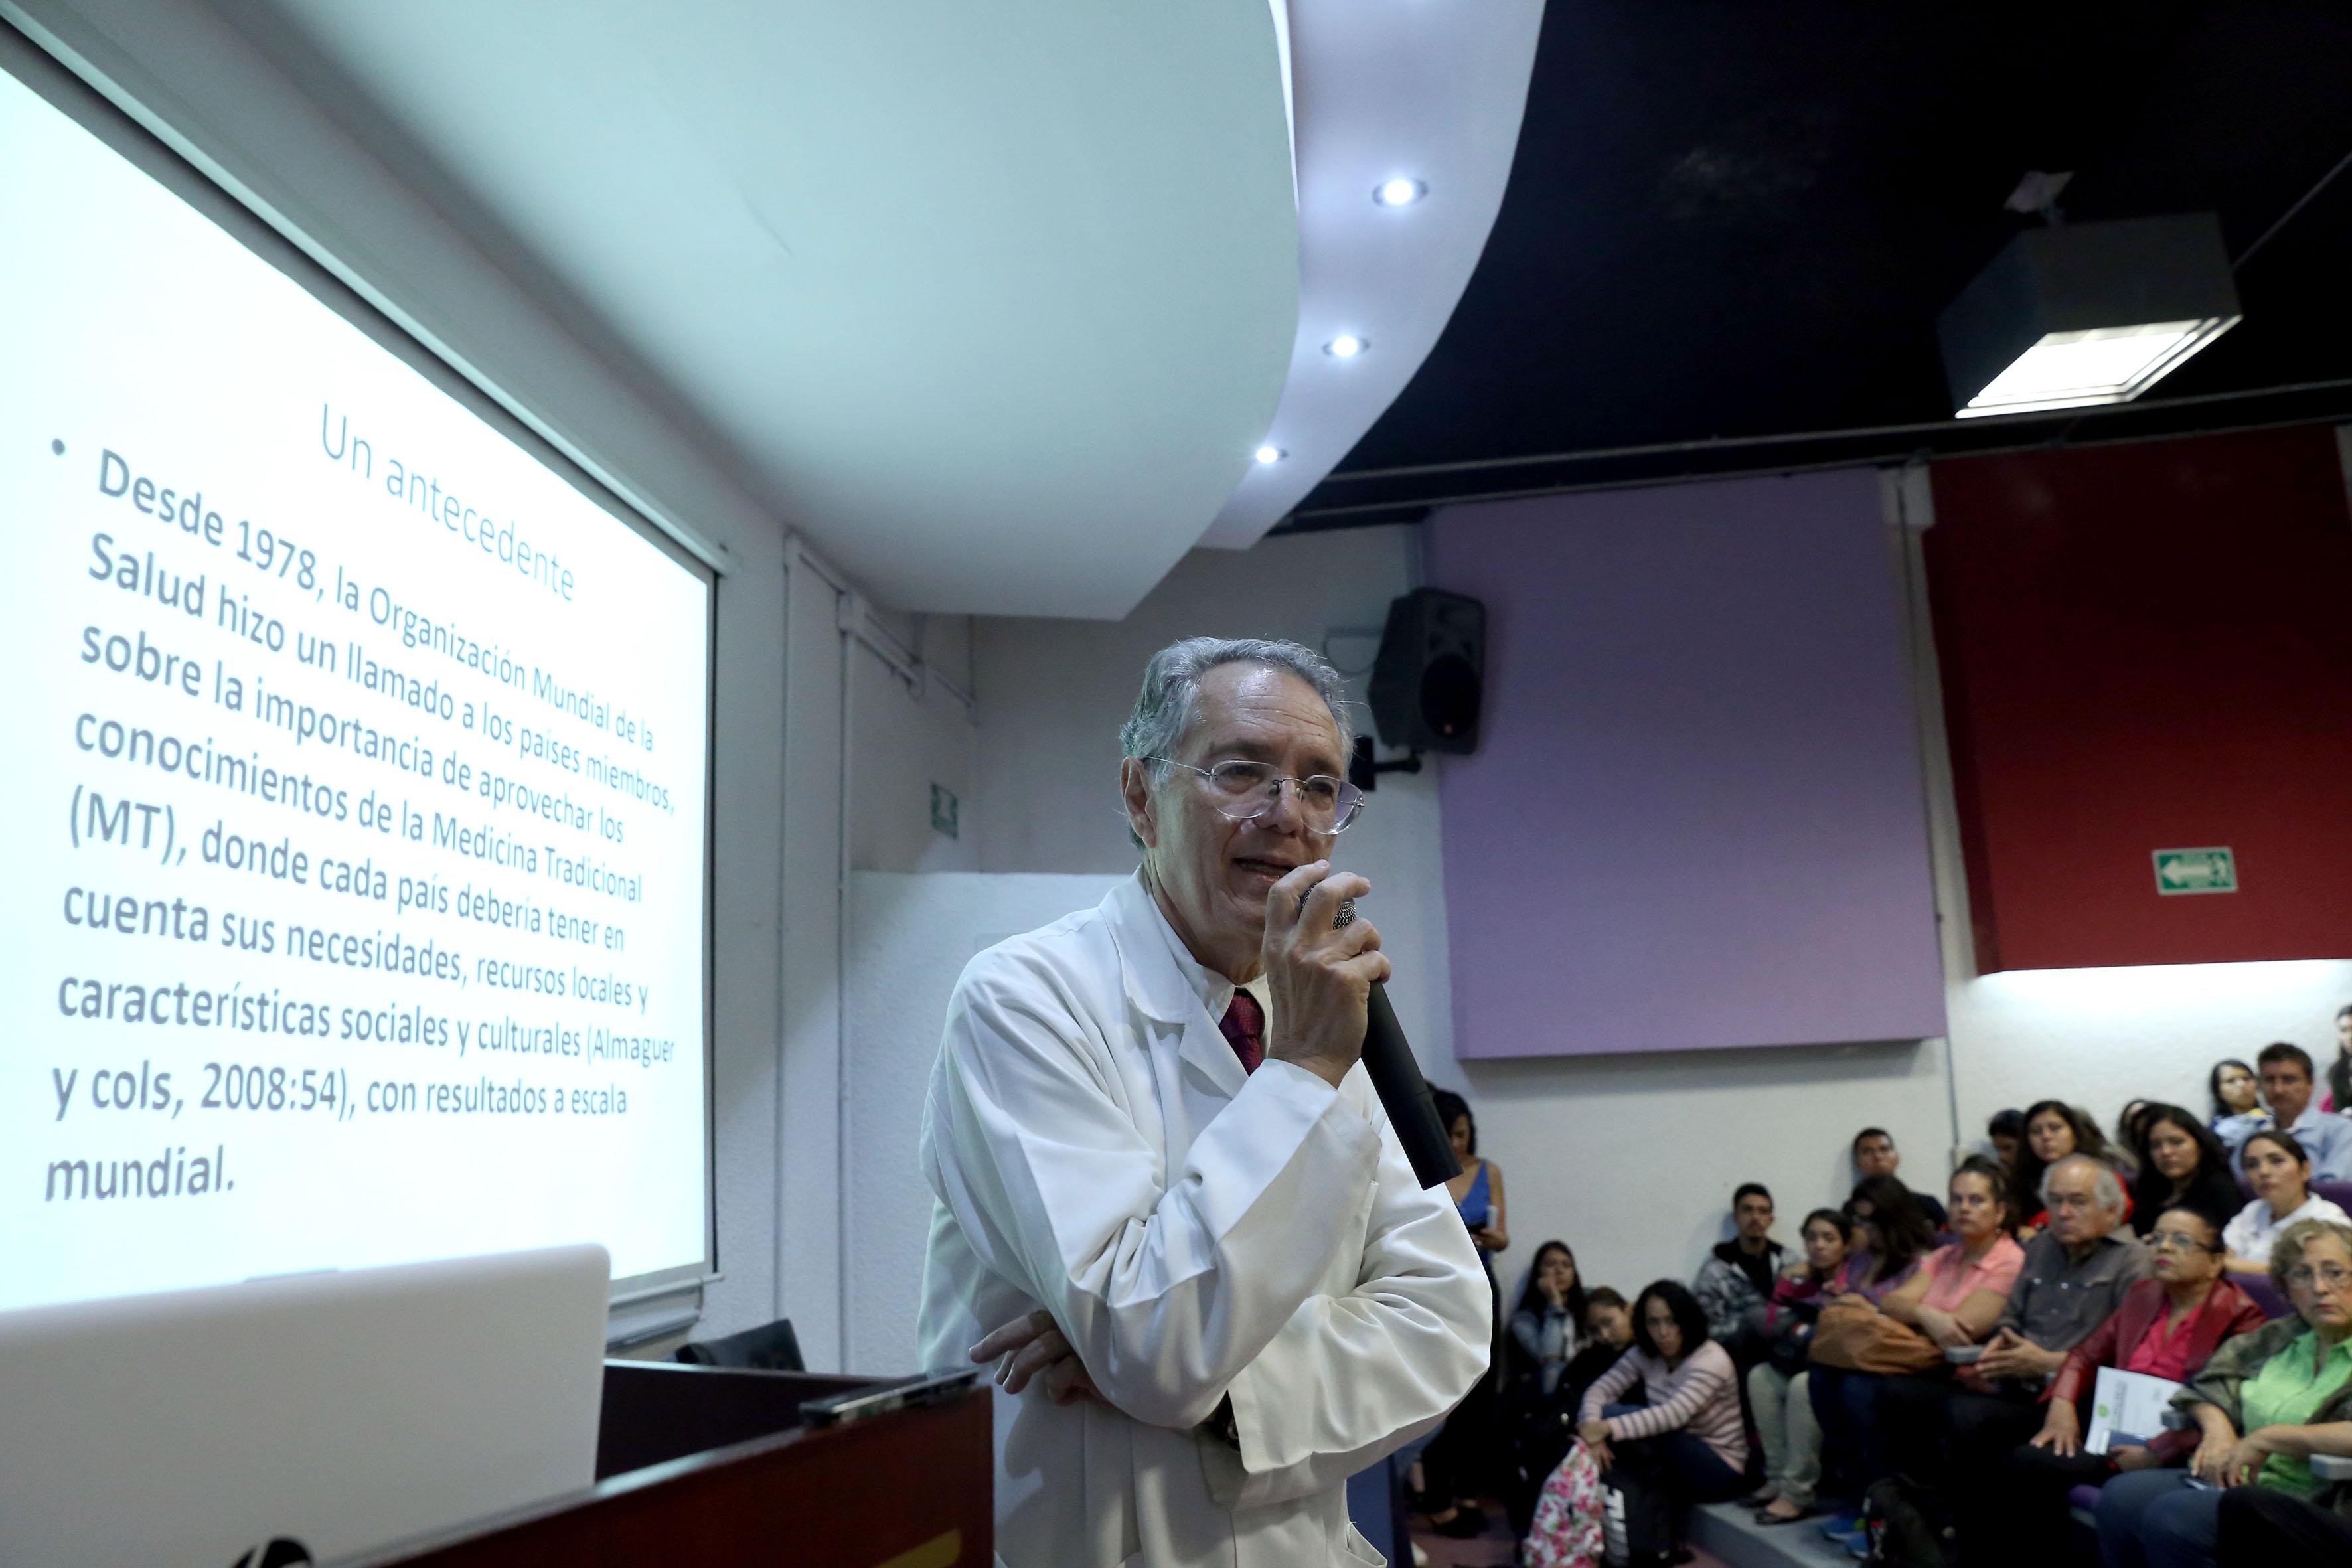 Dr. Javier García de Alba impartiendo conferencia